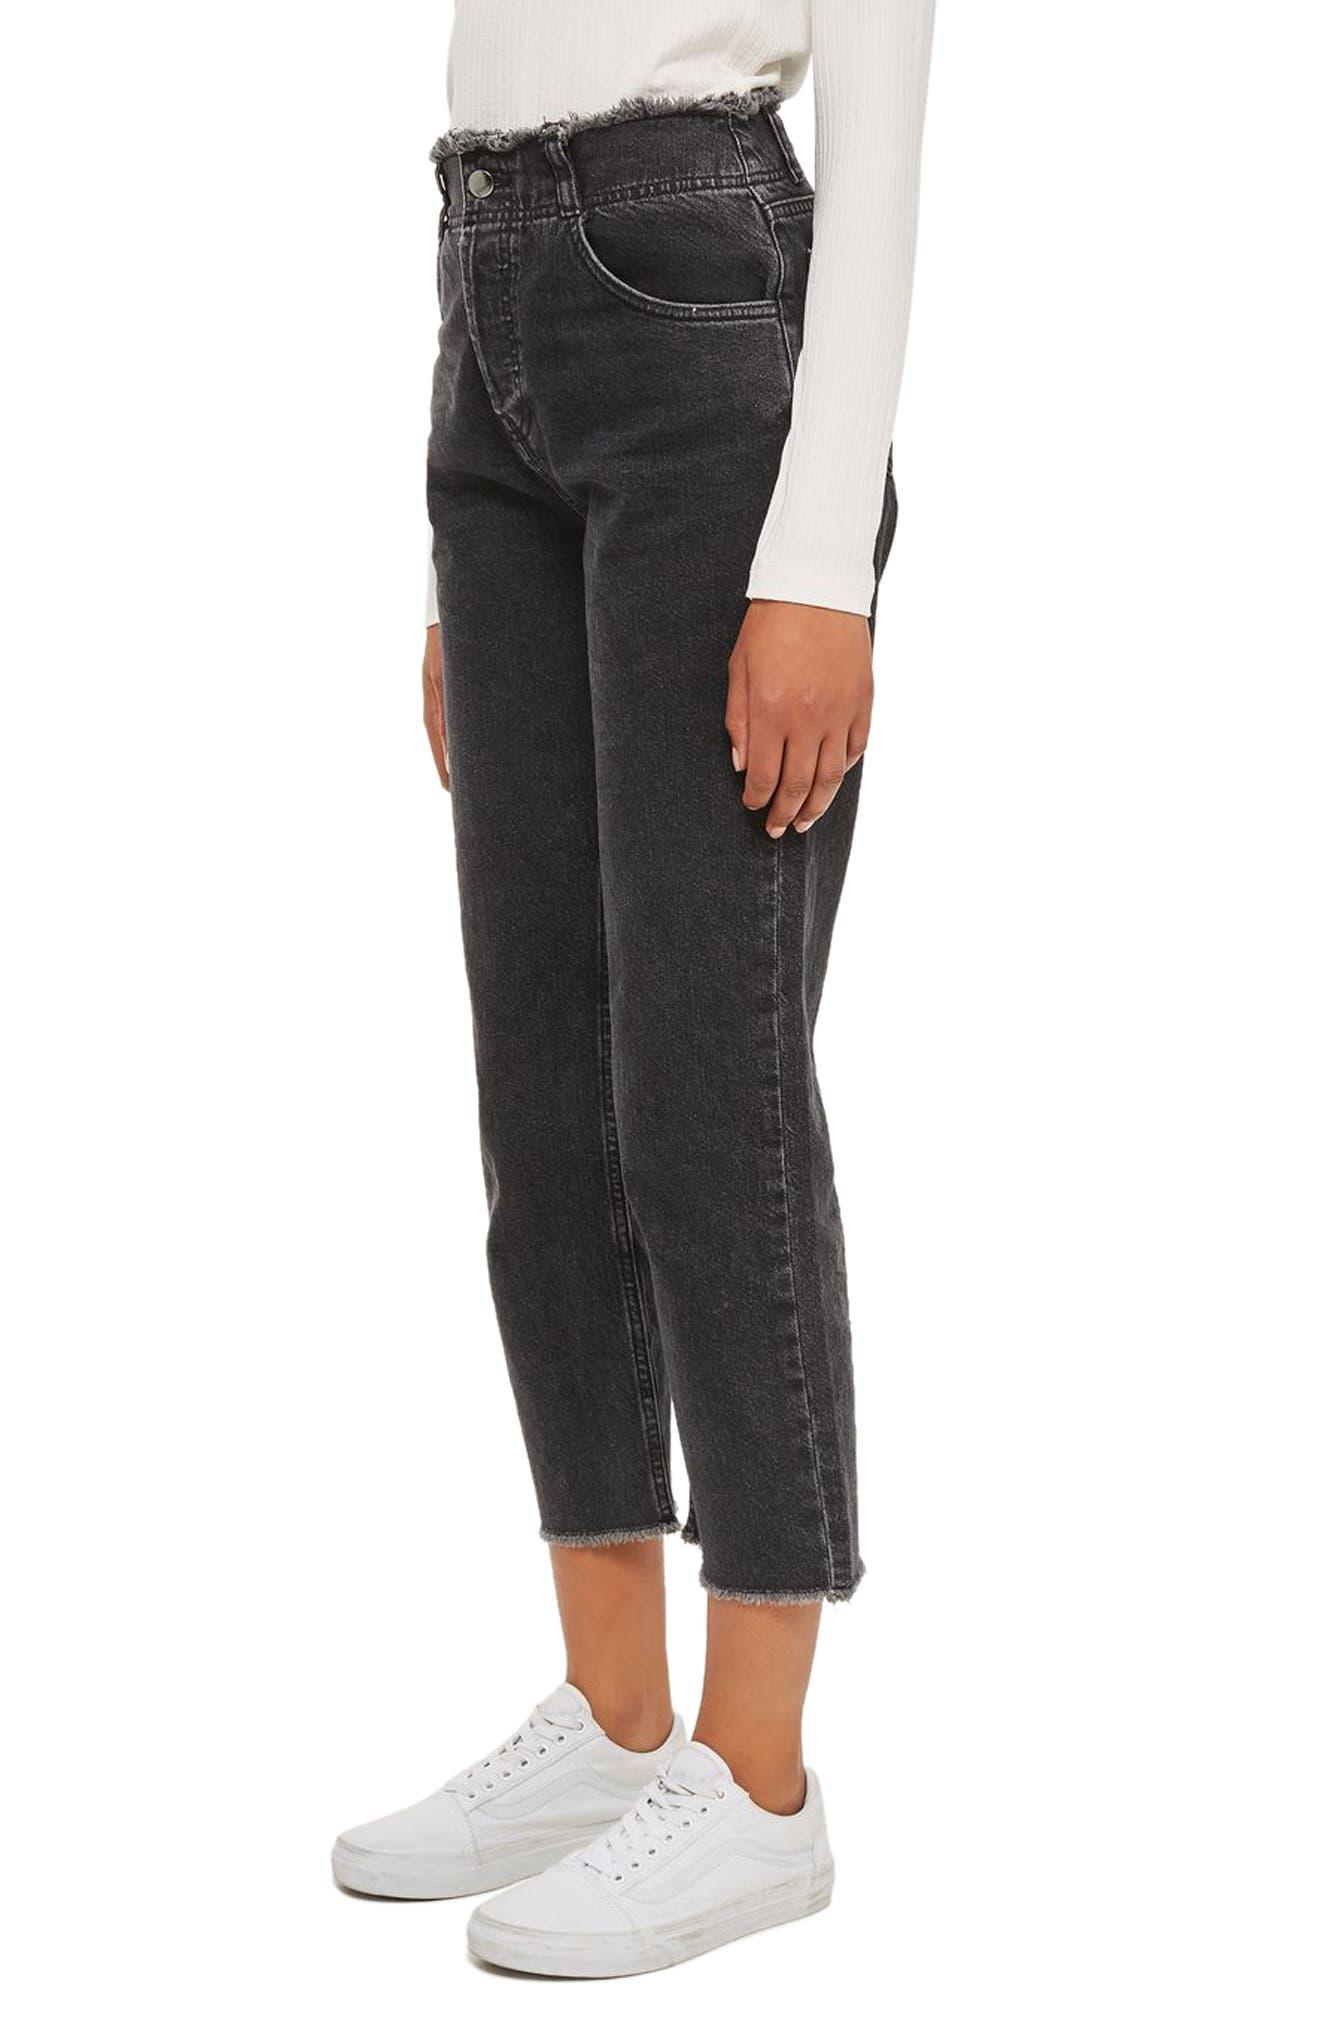 Topshop Boutique Fray Trim Jeans